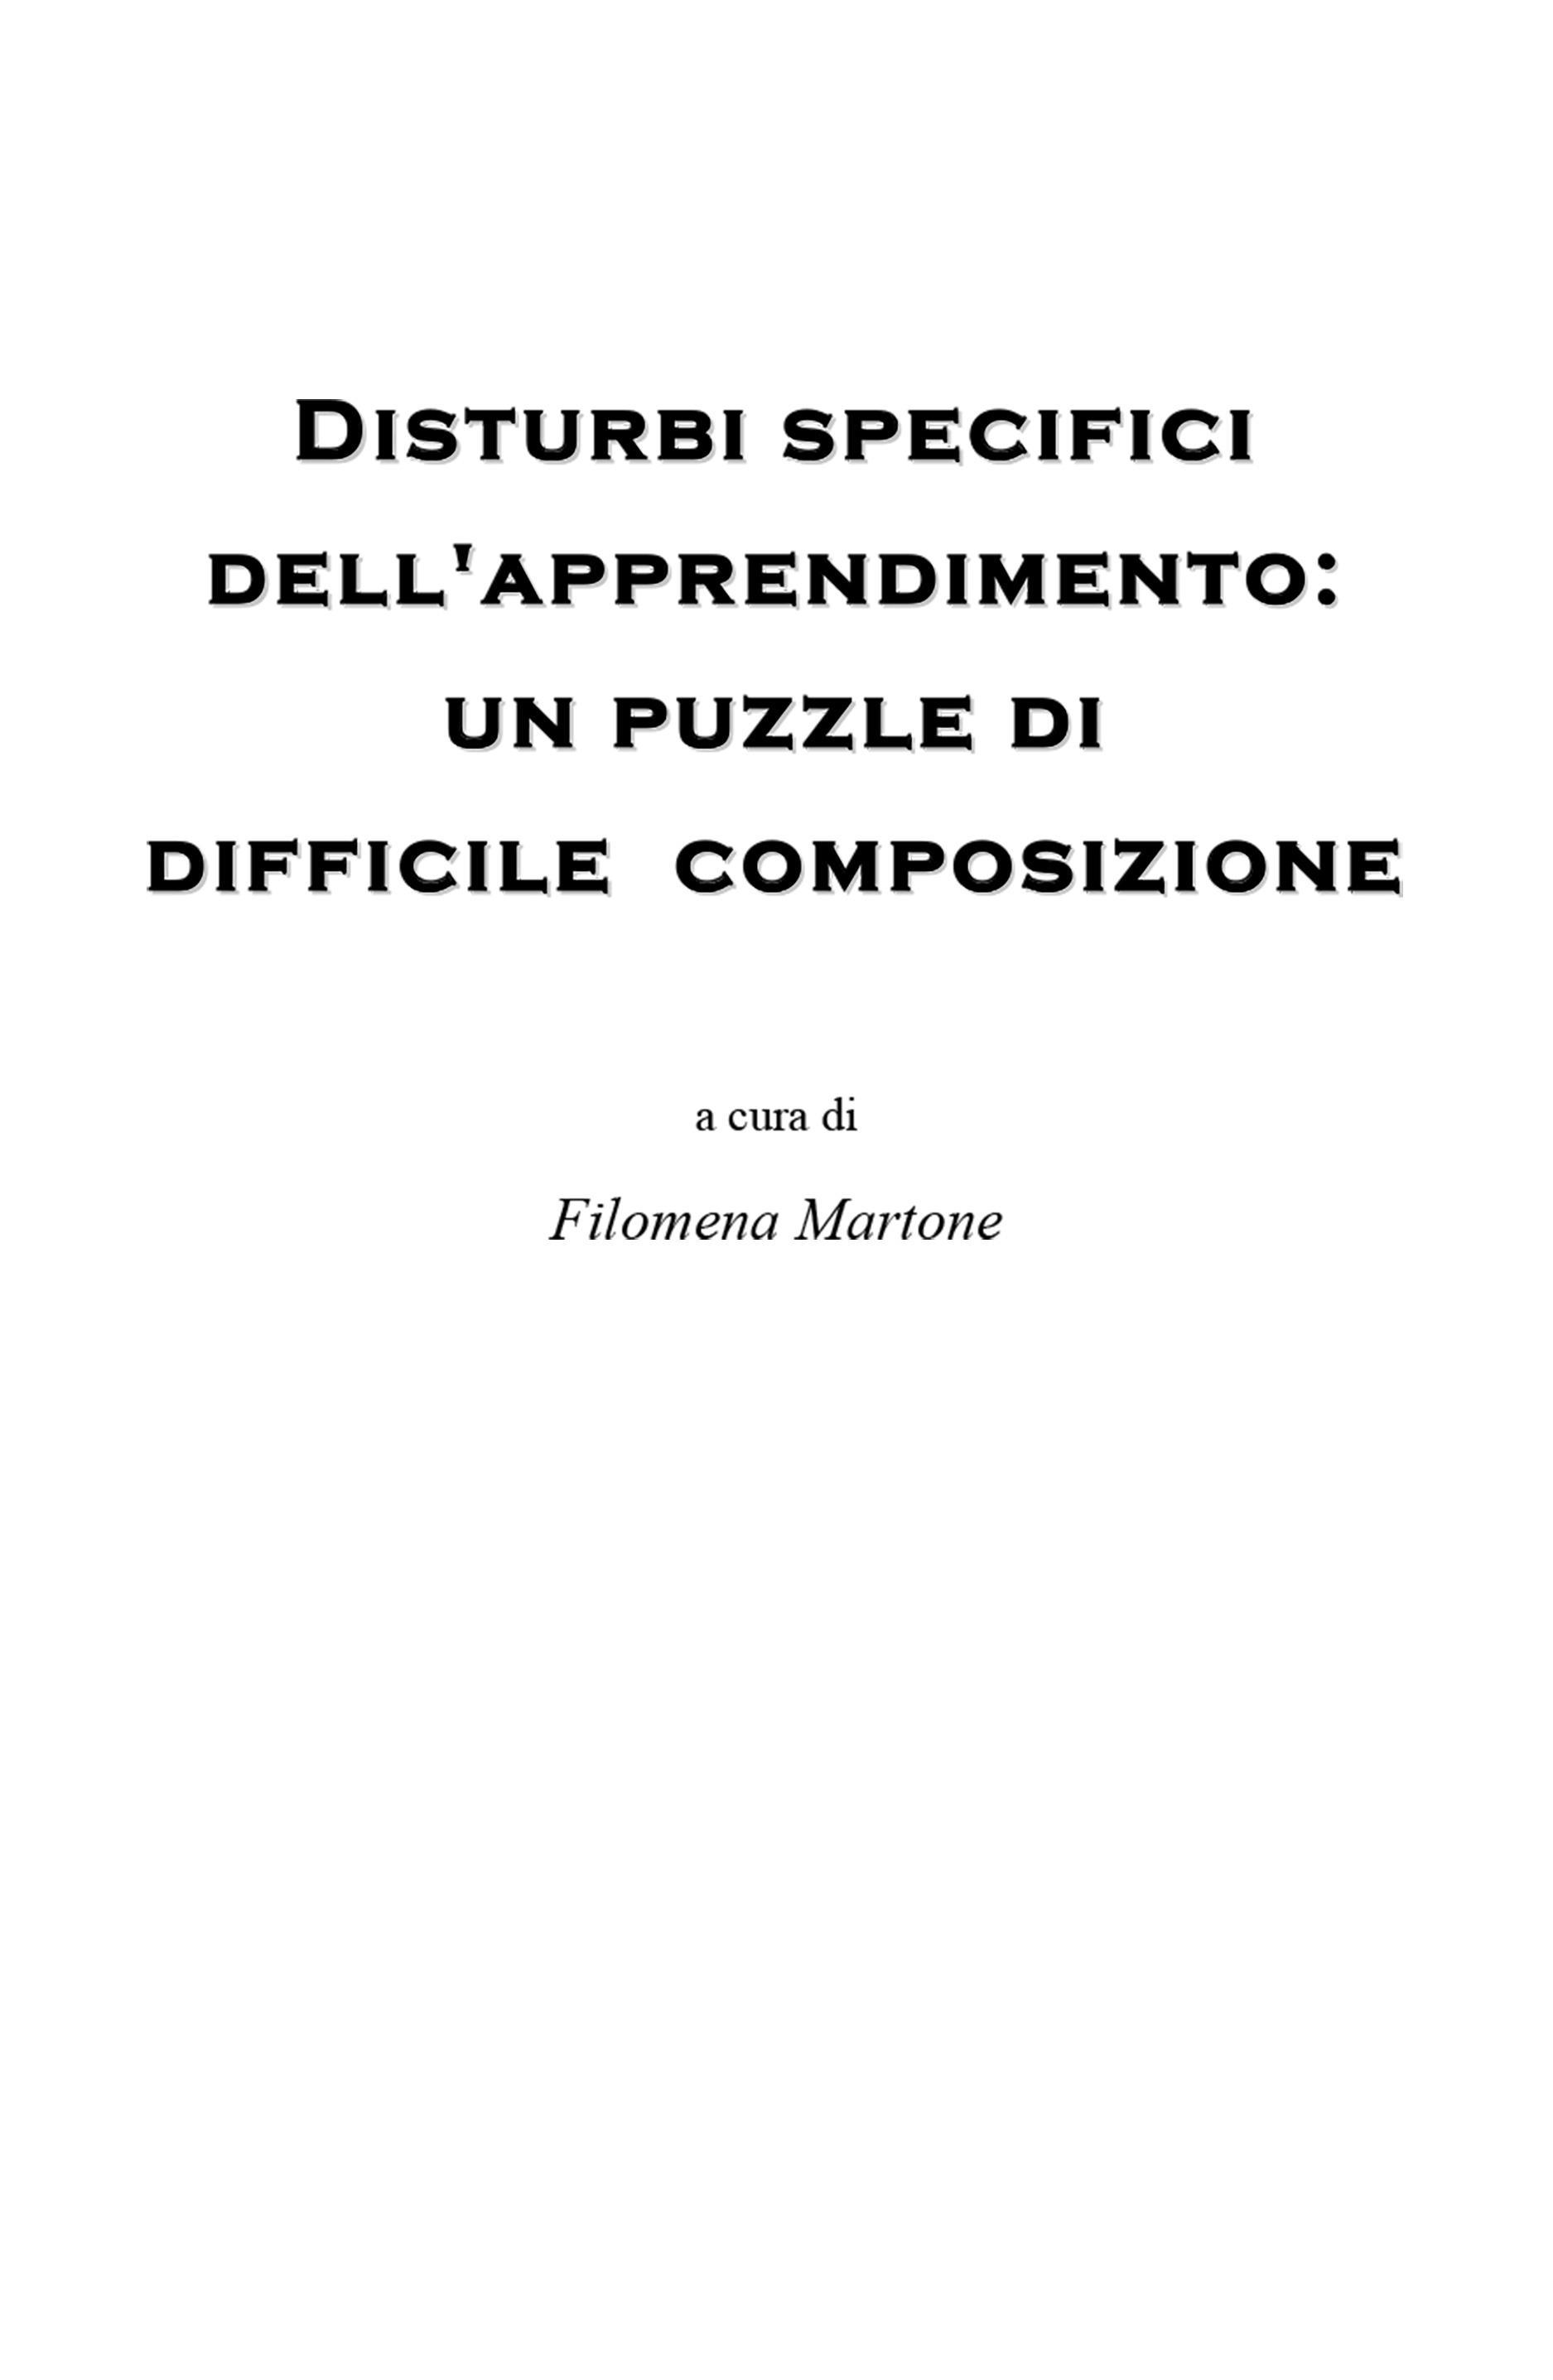 Disturbi specifici dell'apprendimento: un puzzle di difficile composizione